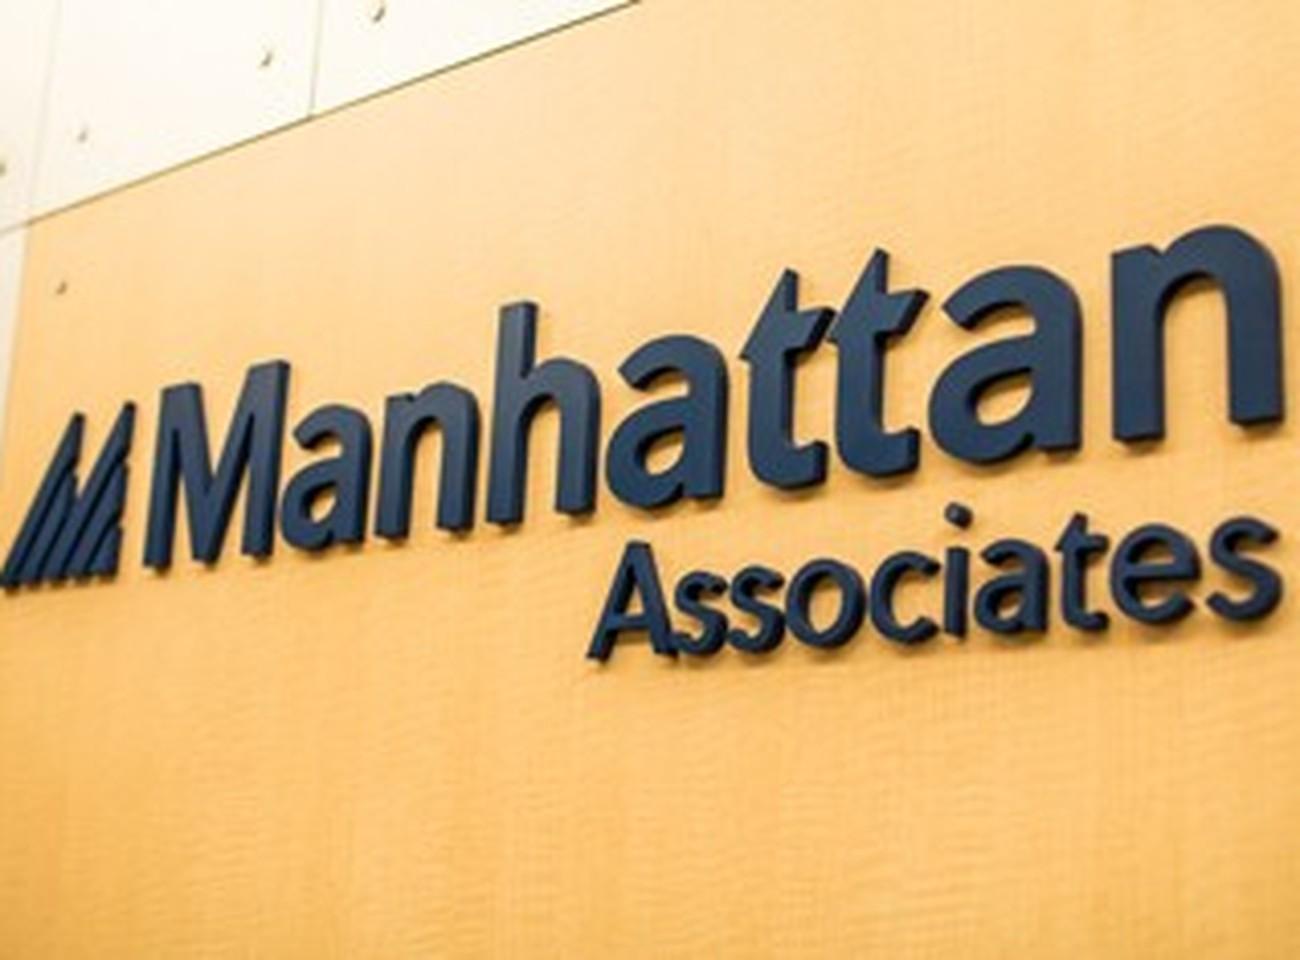 Manhattan Associates Careers